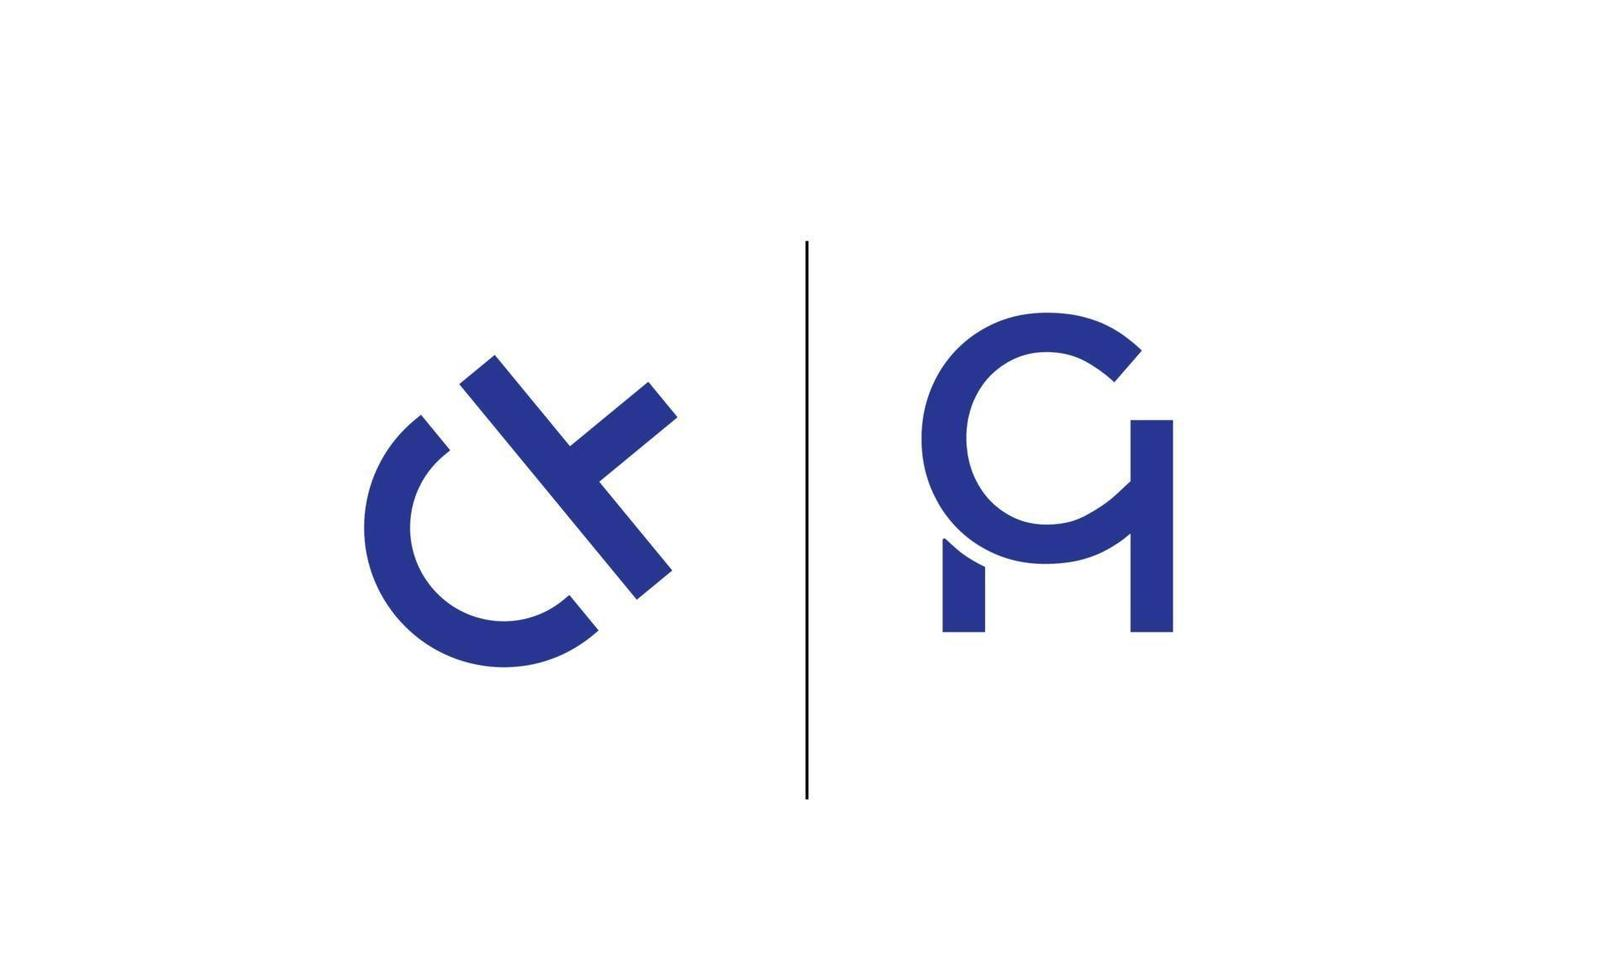 anfängliche ch, hc Logo Design Vorlage Vektor